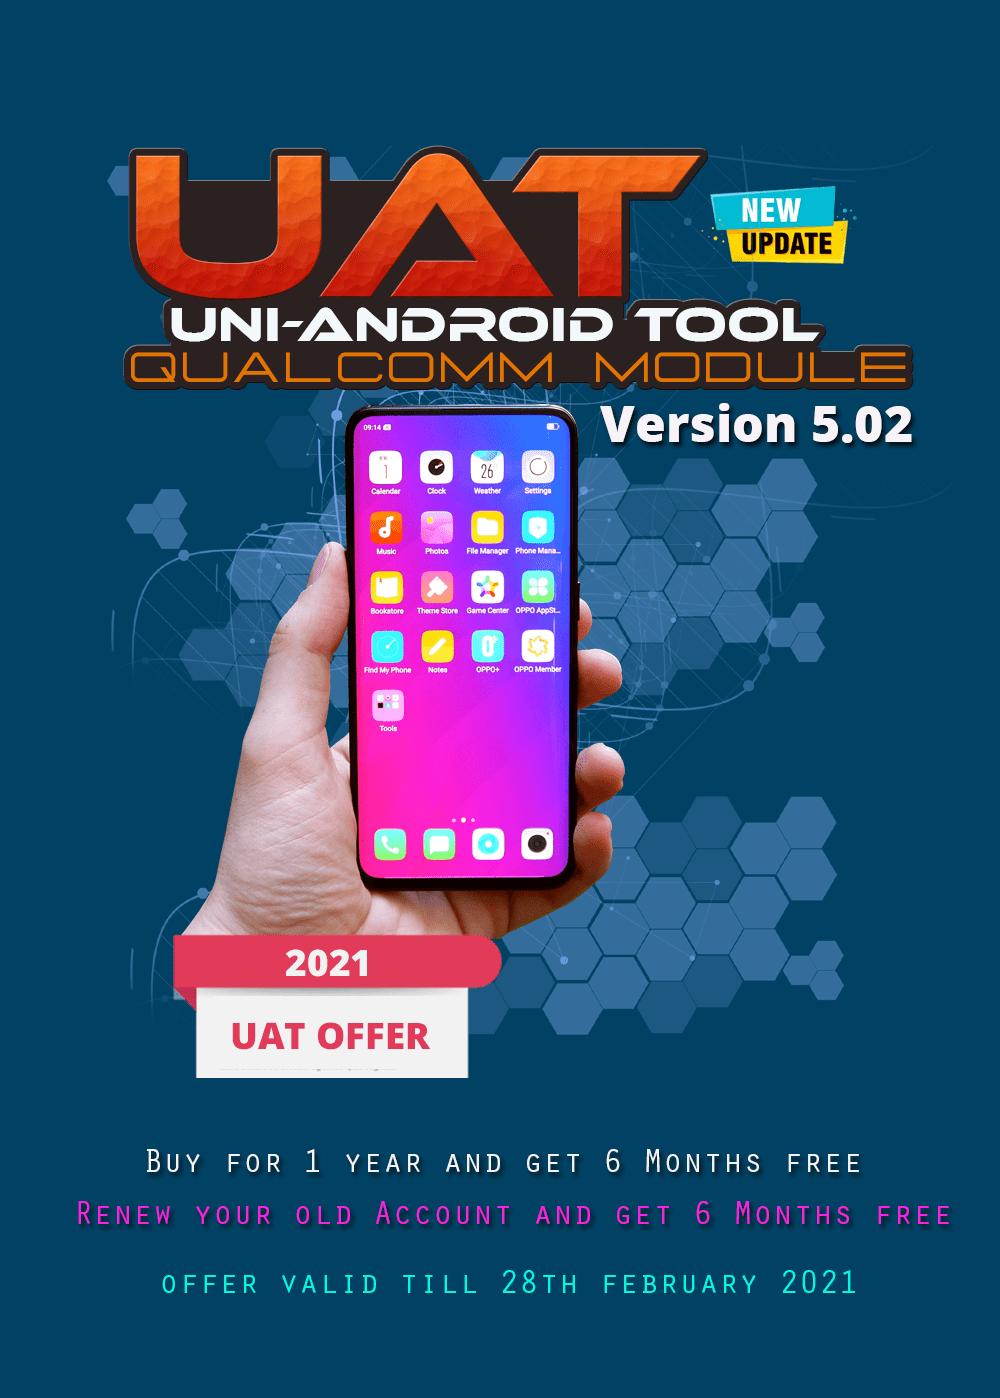 Uni-Android Tool [UAT] Qualcomm Module Ver 5.02 [03.01.2021]